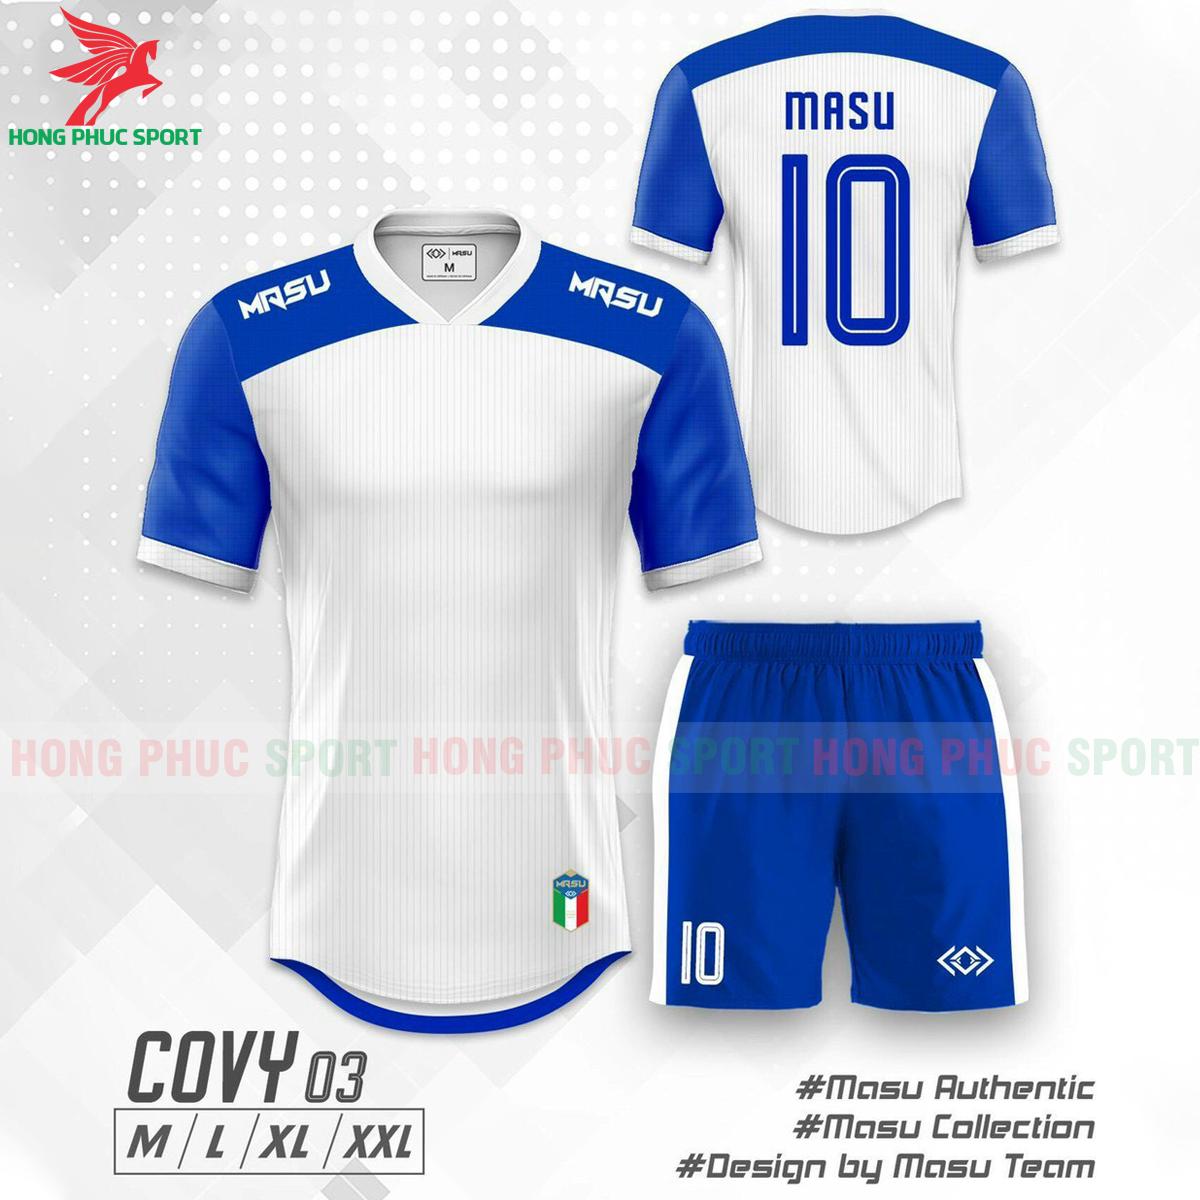 Áo đá banh không logo Masu Covy 2021 mẫu 02màu trắng phối xanh dương